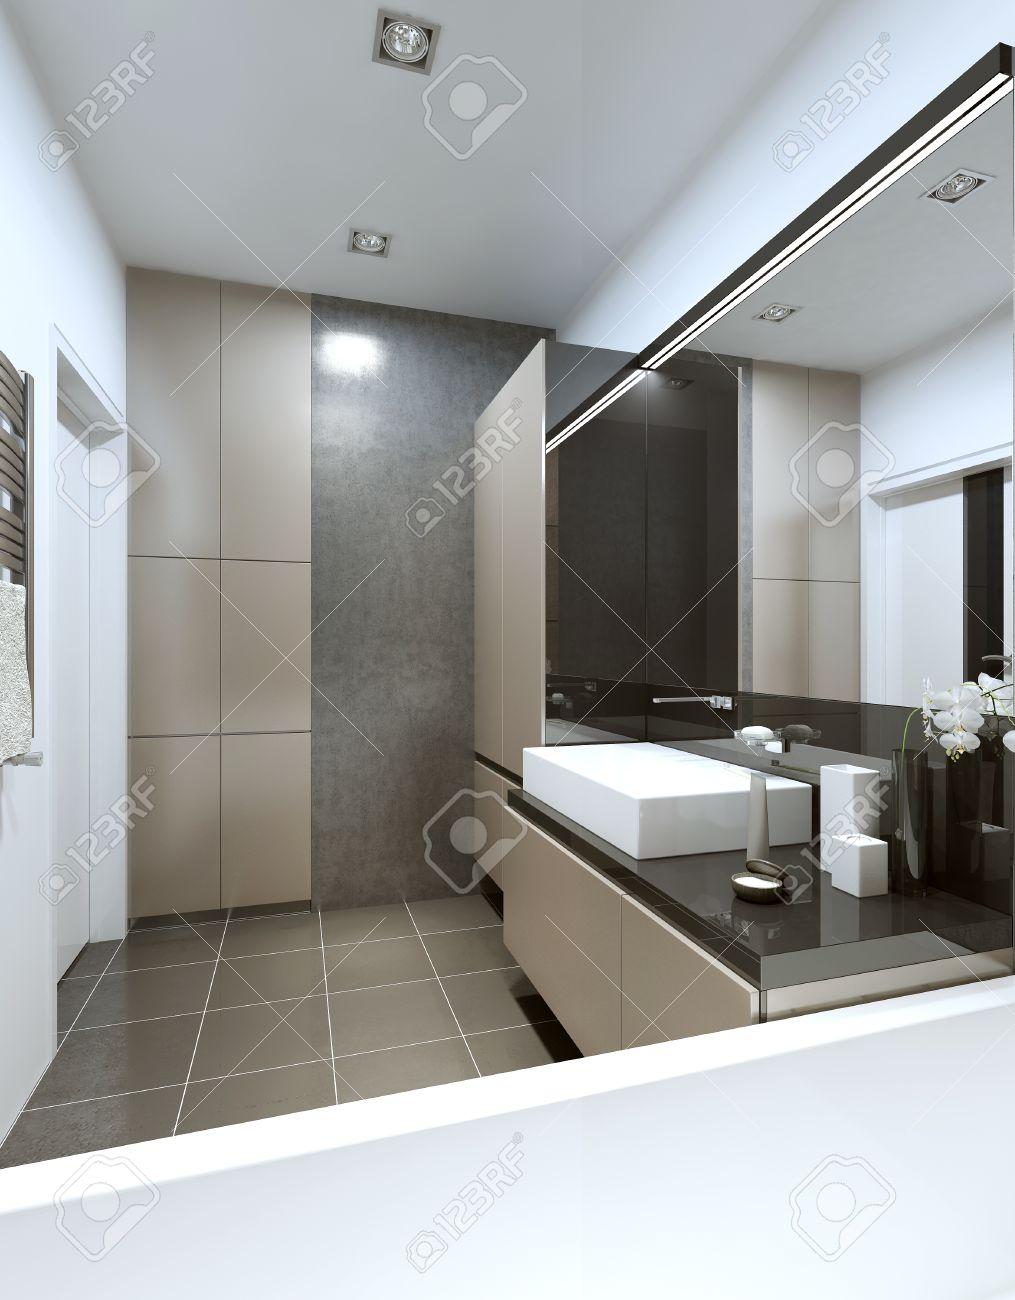 Cuarto De Baño Moderno Con Muebles De Color Beige Y Gris Y Un Suelo ...